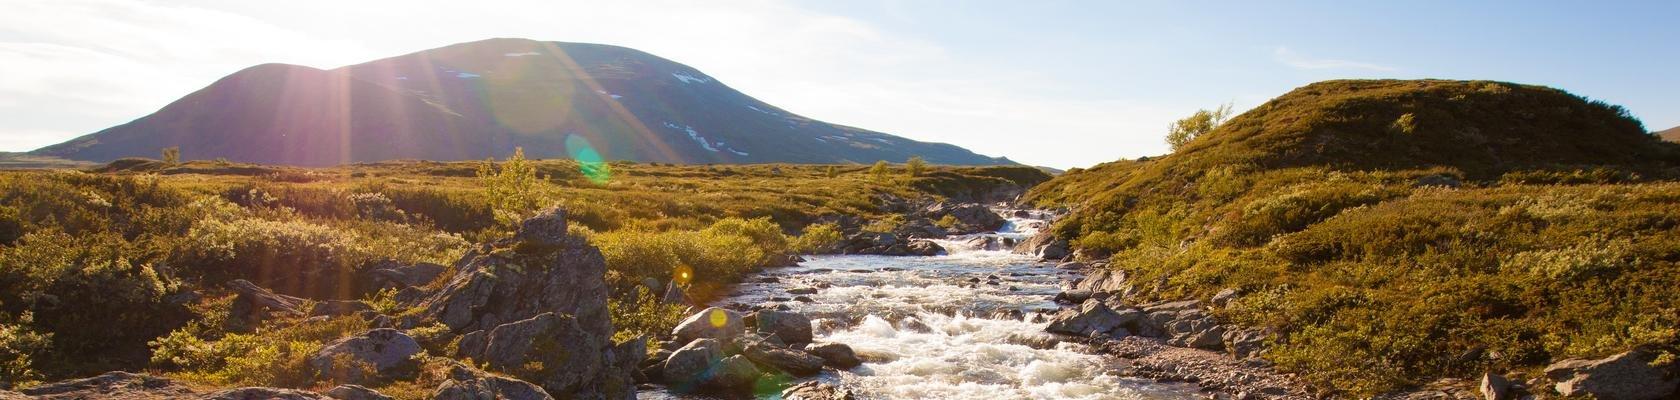 Dovrefjell-Sunndalsfjella Nationaal Park